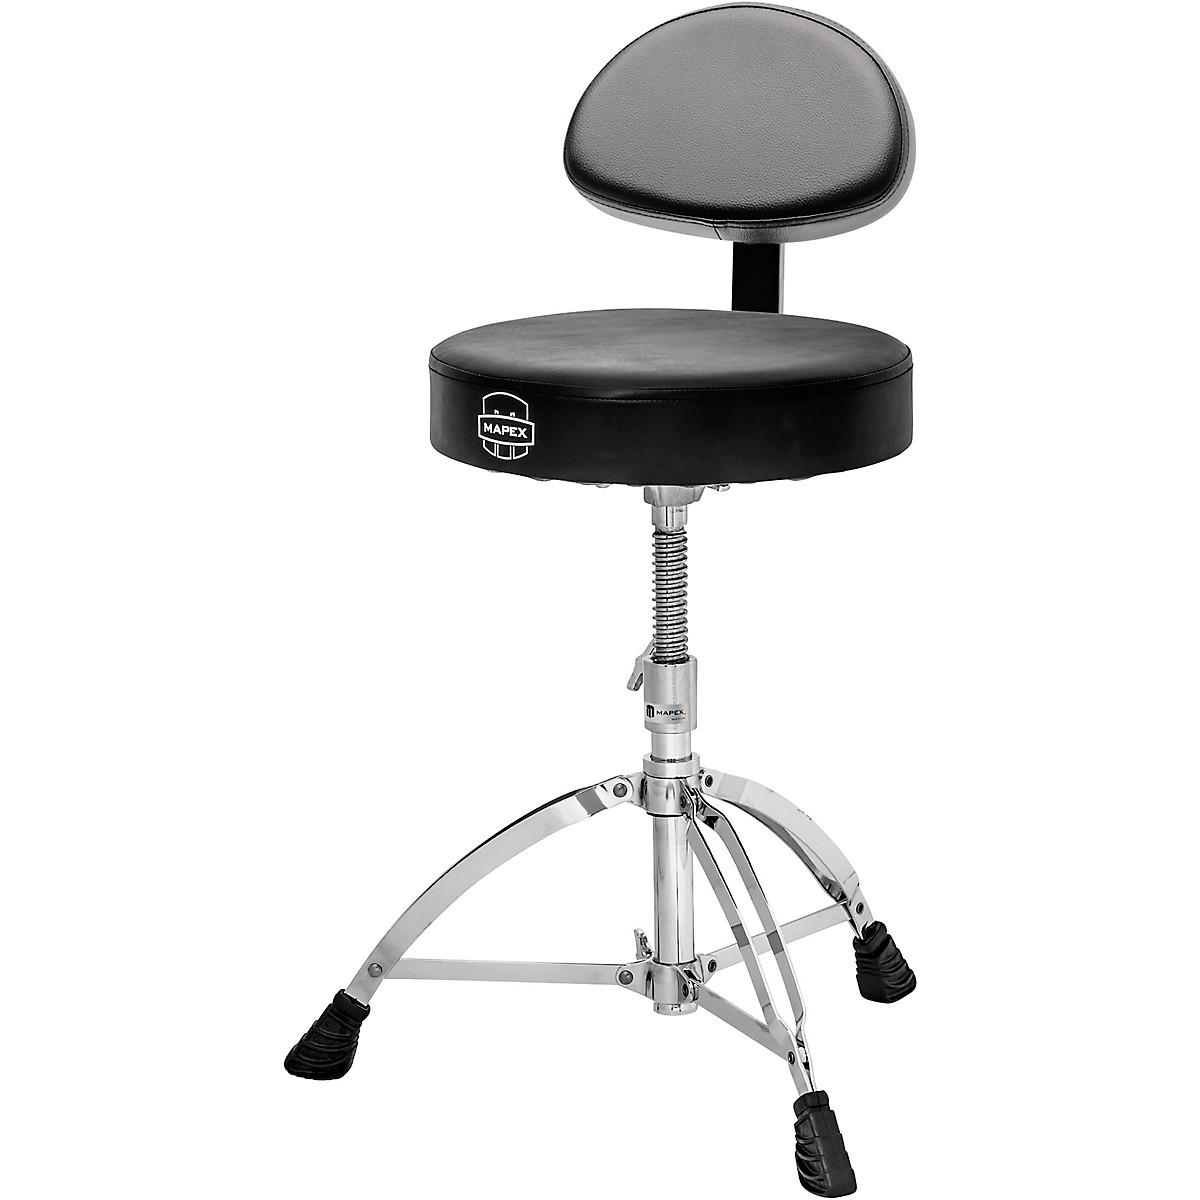 Mapex T700 Premium Drum Throne